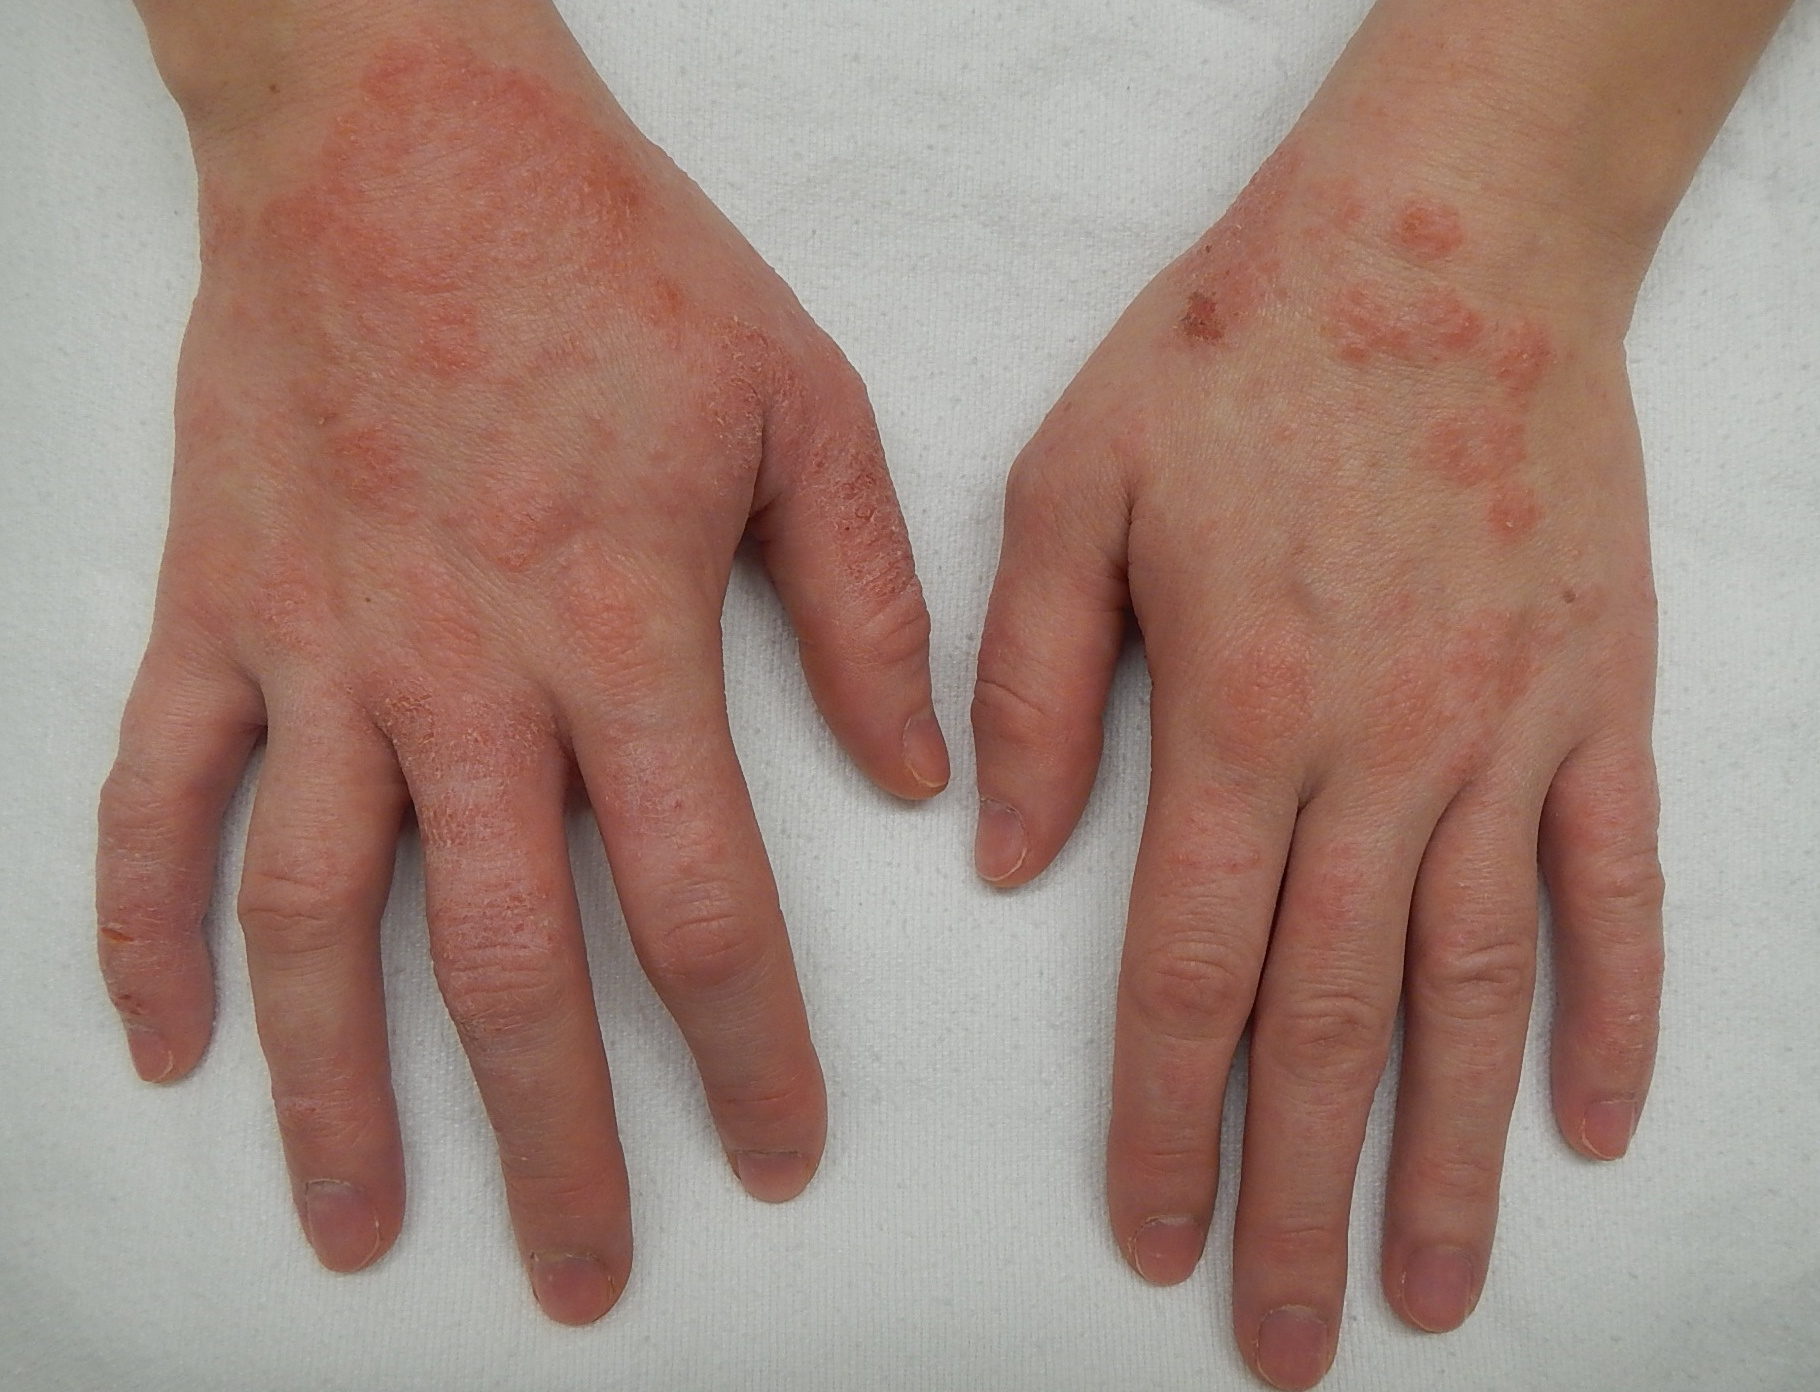 piros foltok az ujjak között fotó)